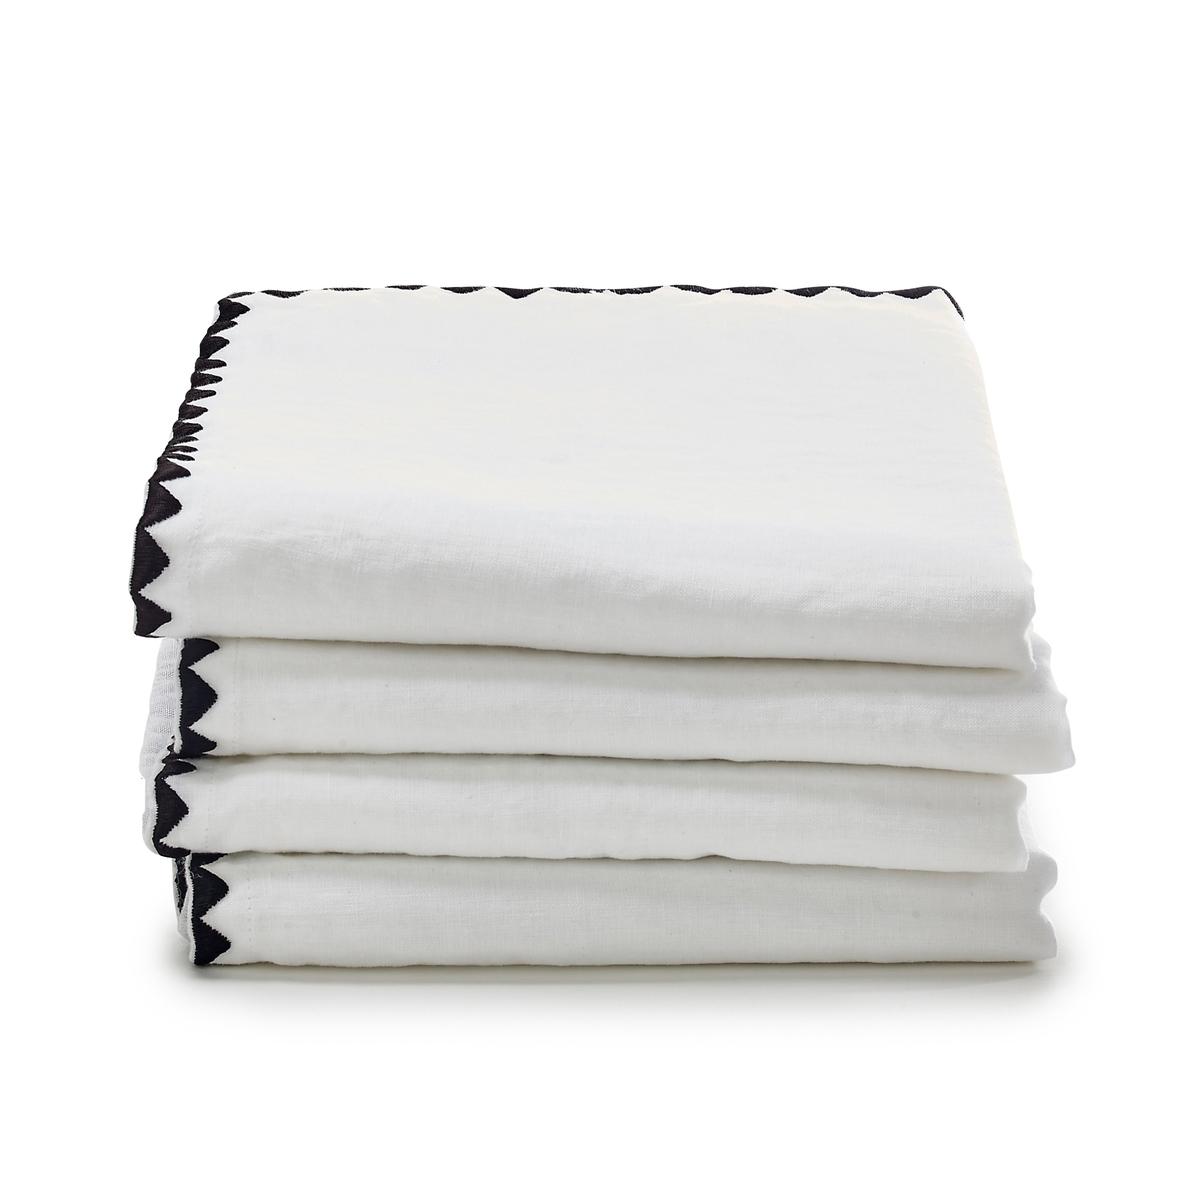 Комплект из 4 салфеток из полушерстяной ткани из хлопка и льна, Adrio